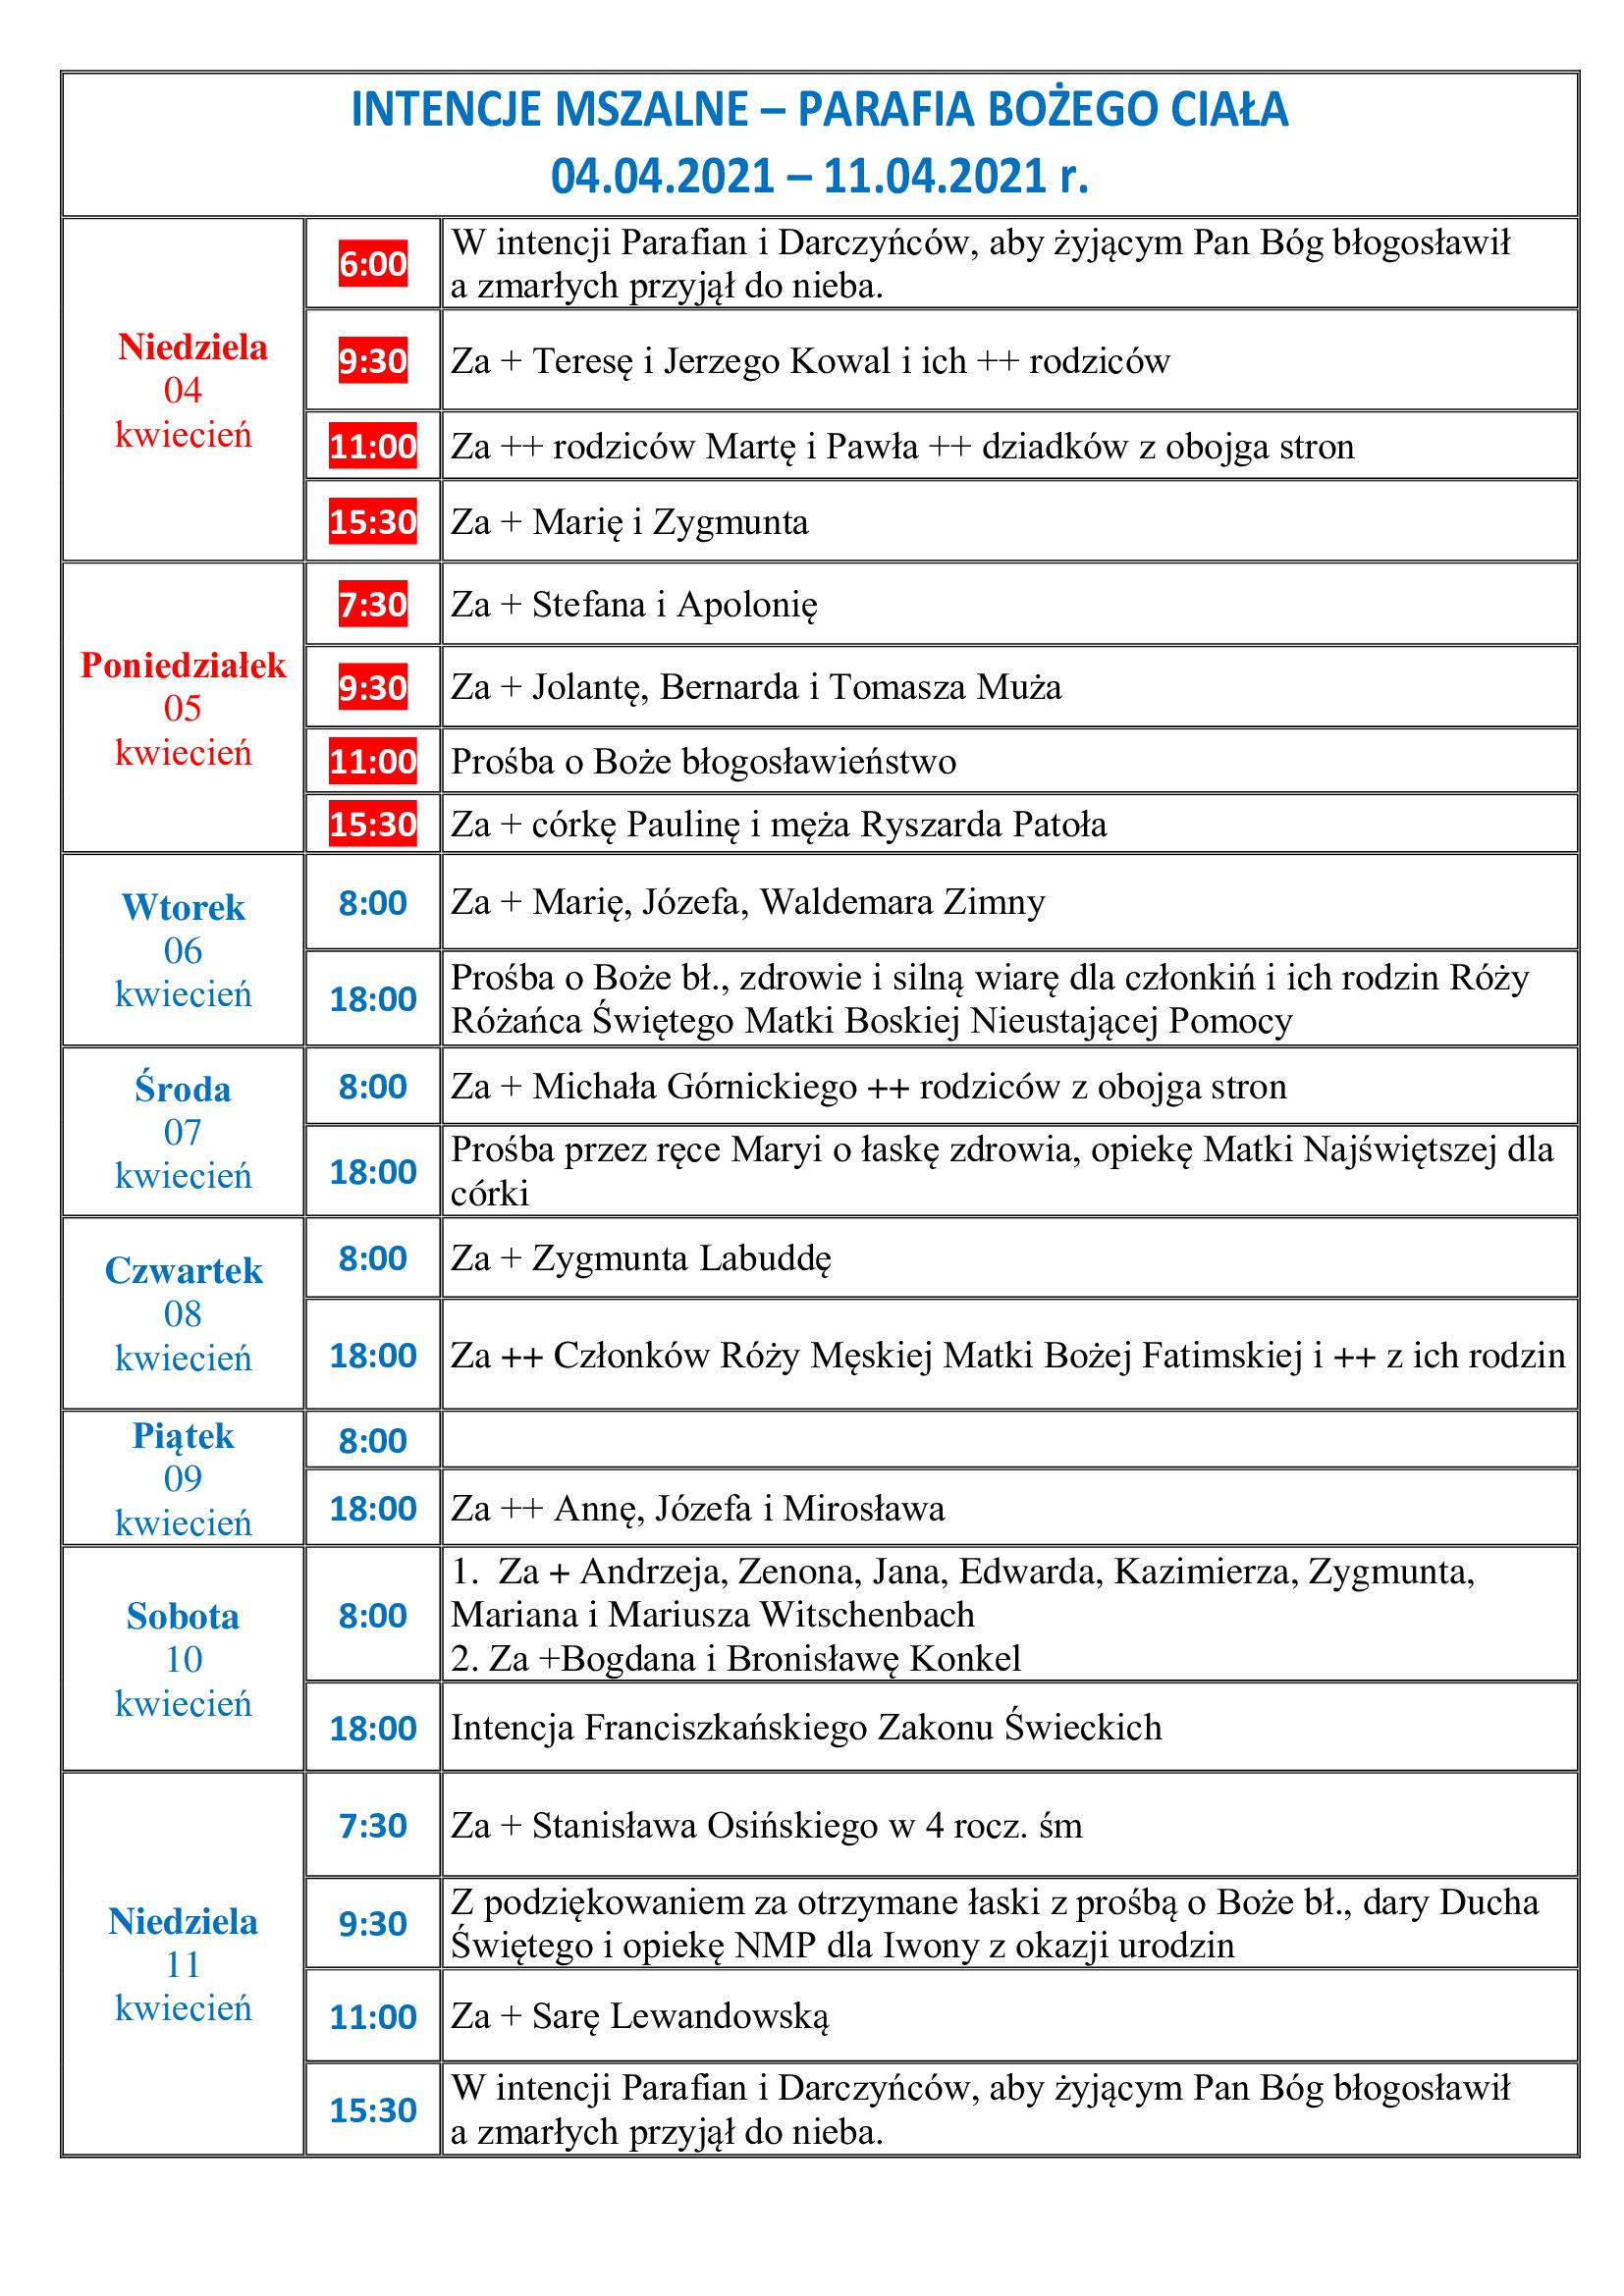 intencje-mszalne-04-04-2021-11-04-2021-r